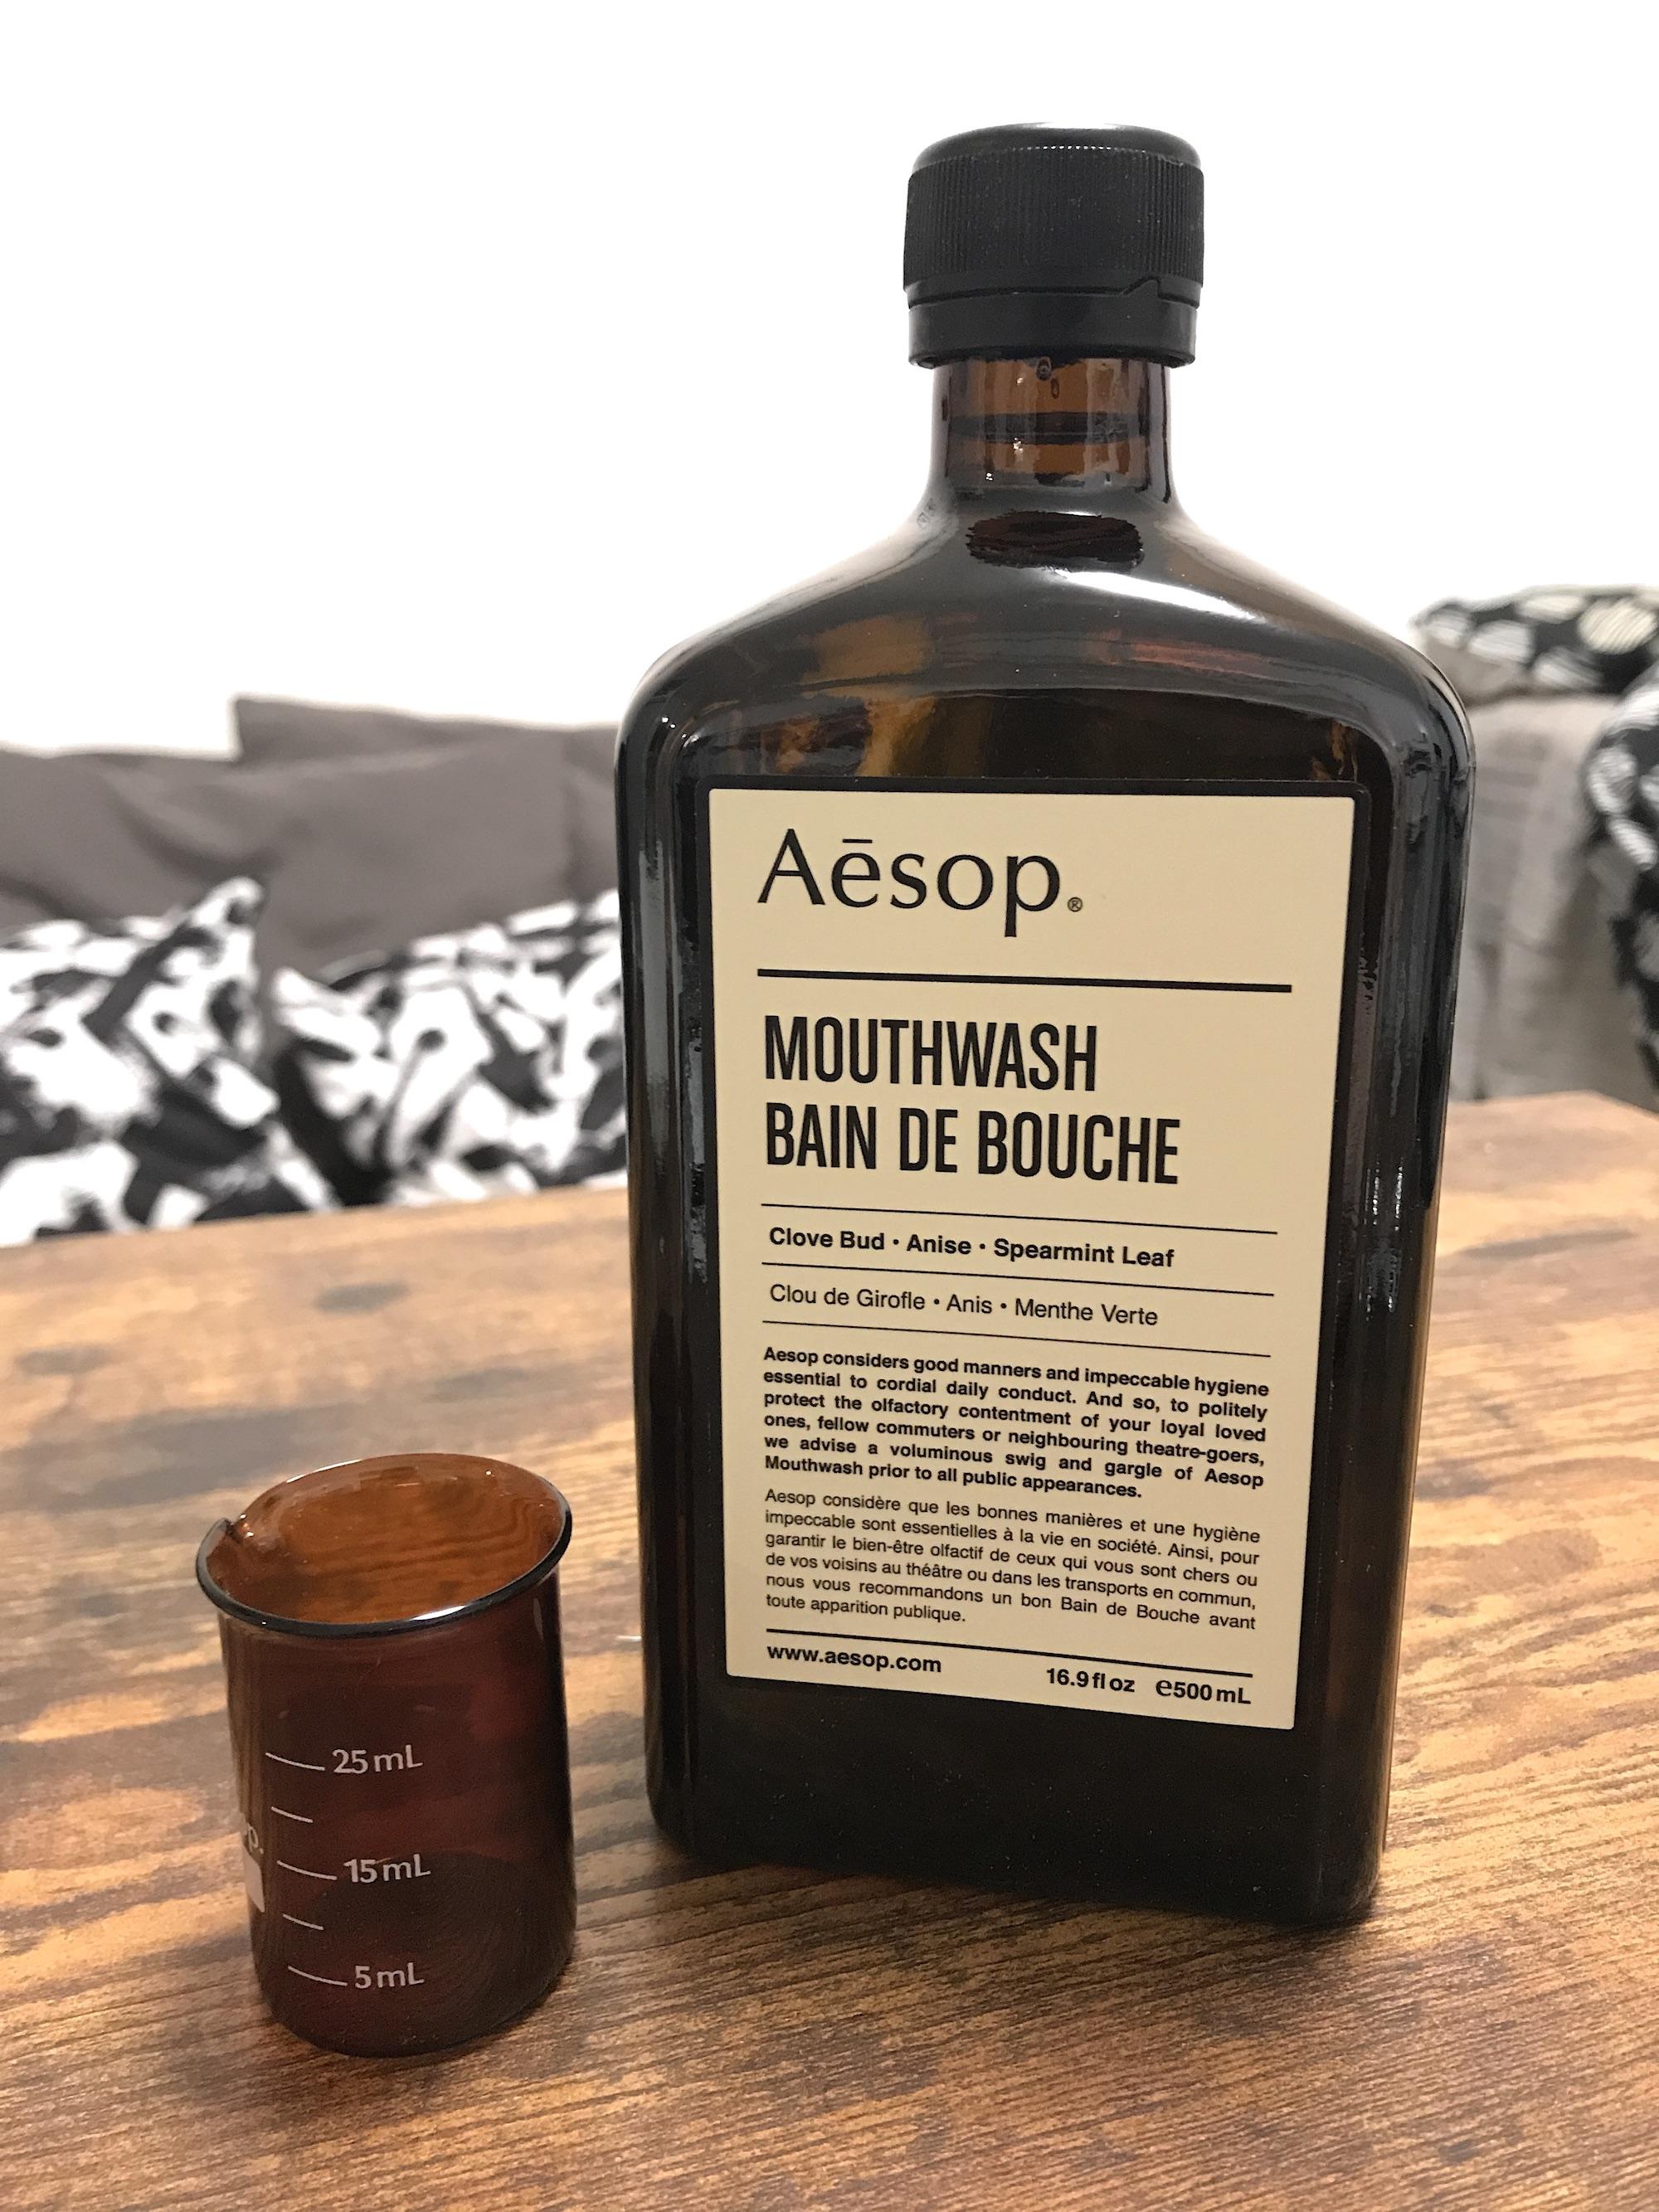 Aesop マウスウォッシュの商品と付属するビーカーの写真